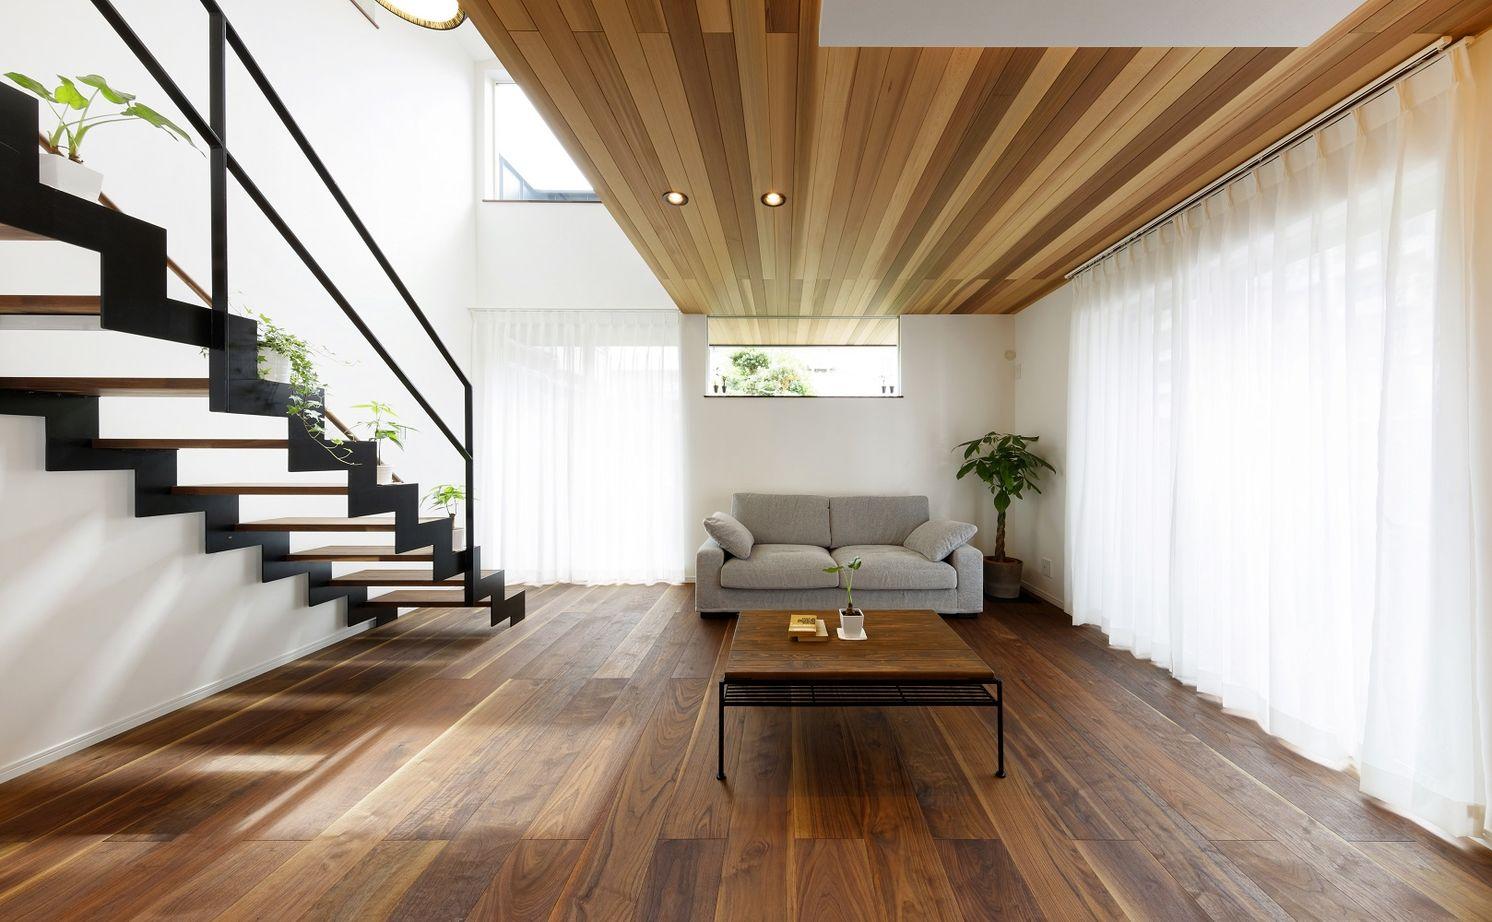 【間取りあり】「小さく建てて、のびのび暮らす」をコンセプトに、外からの視線を遮り、屋内に光を取込む家画像1